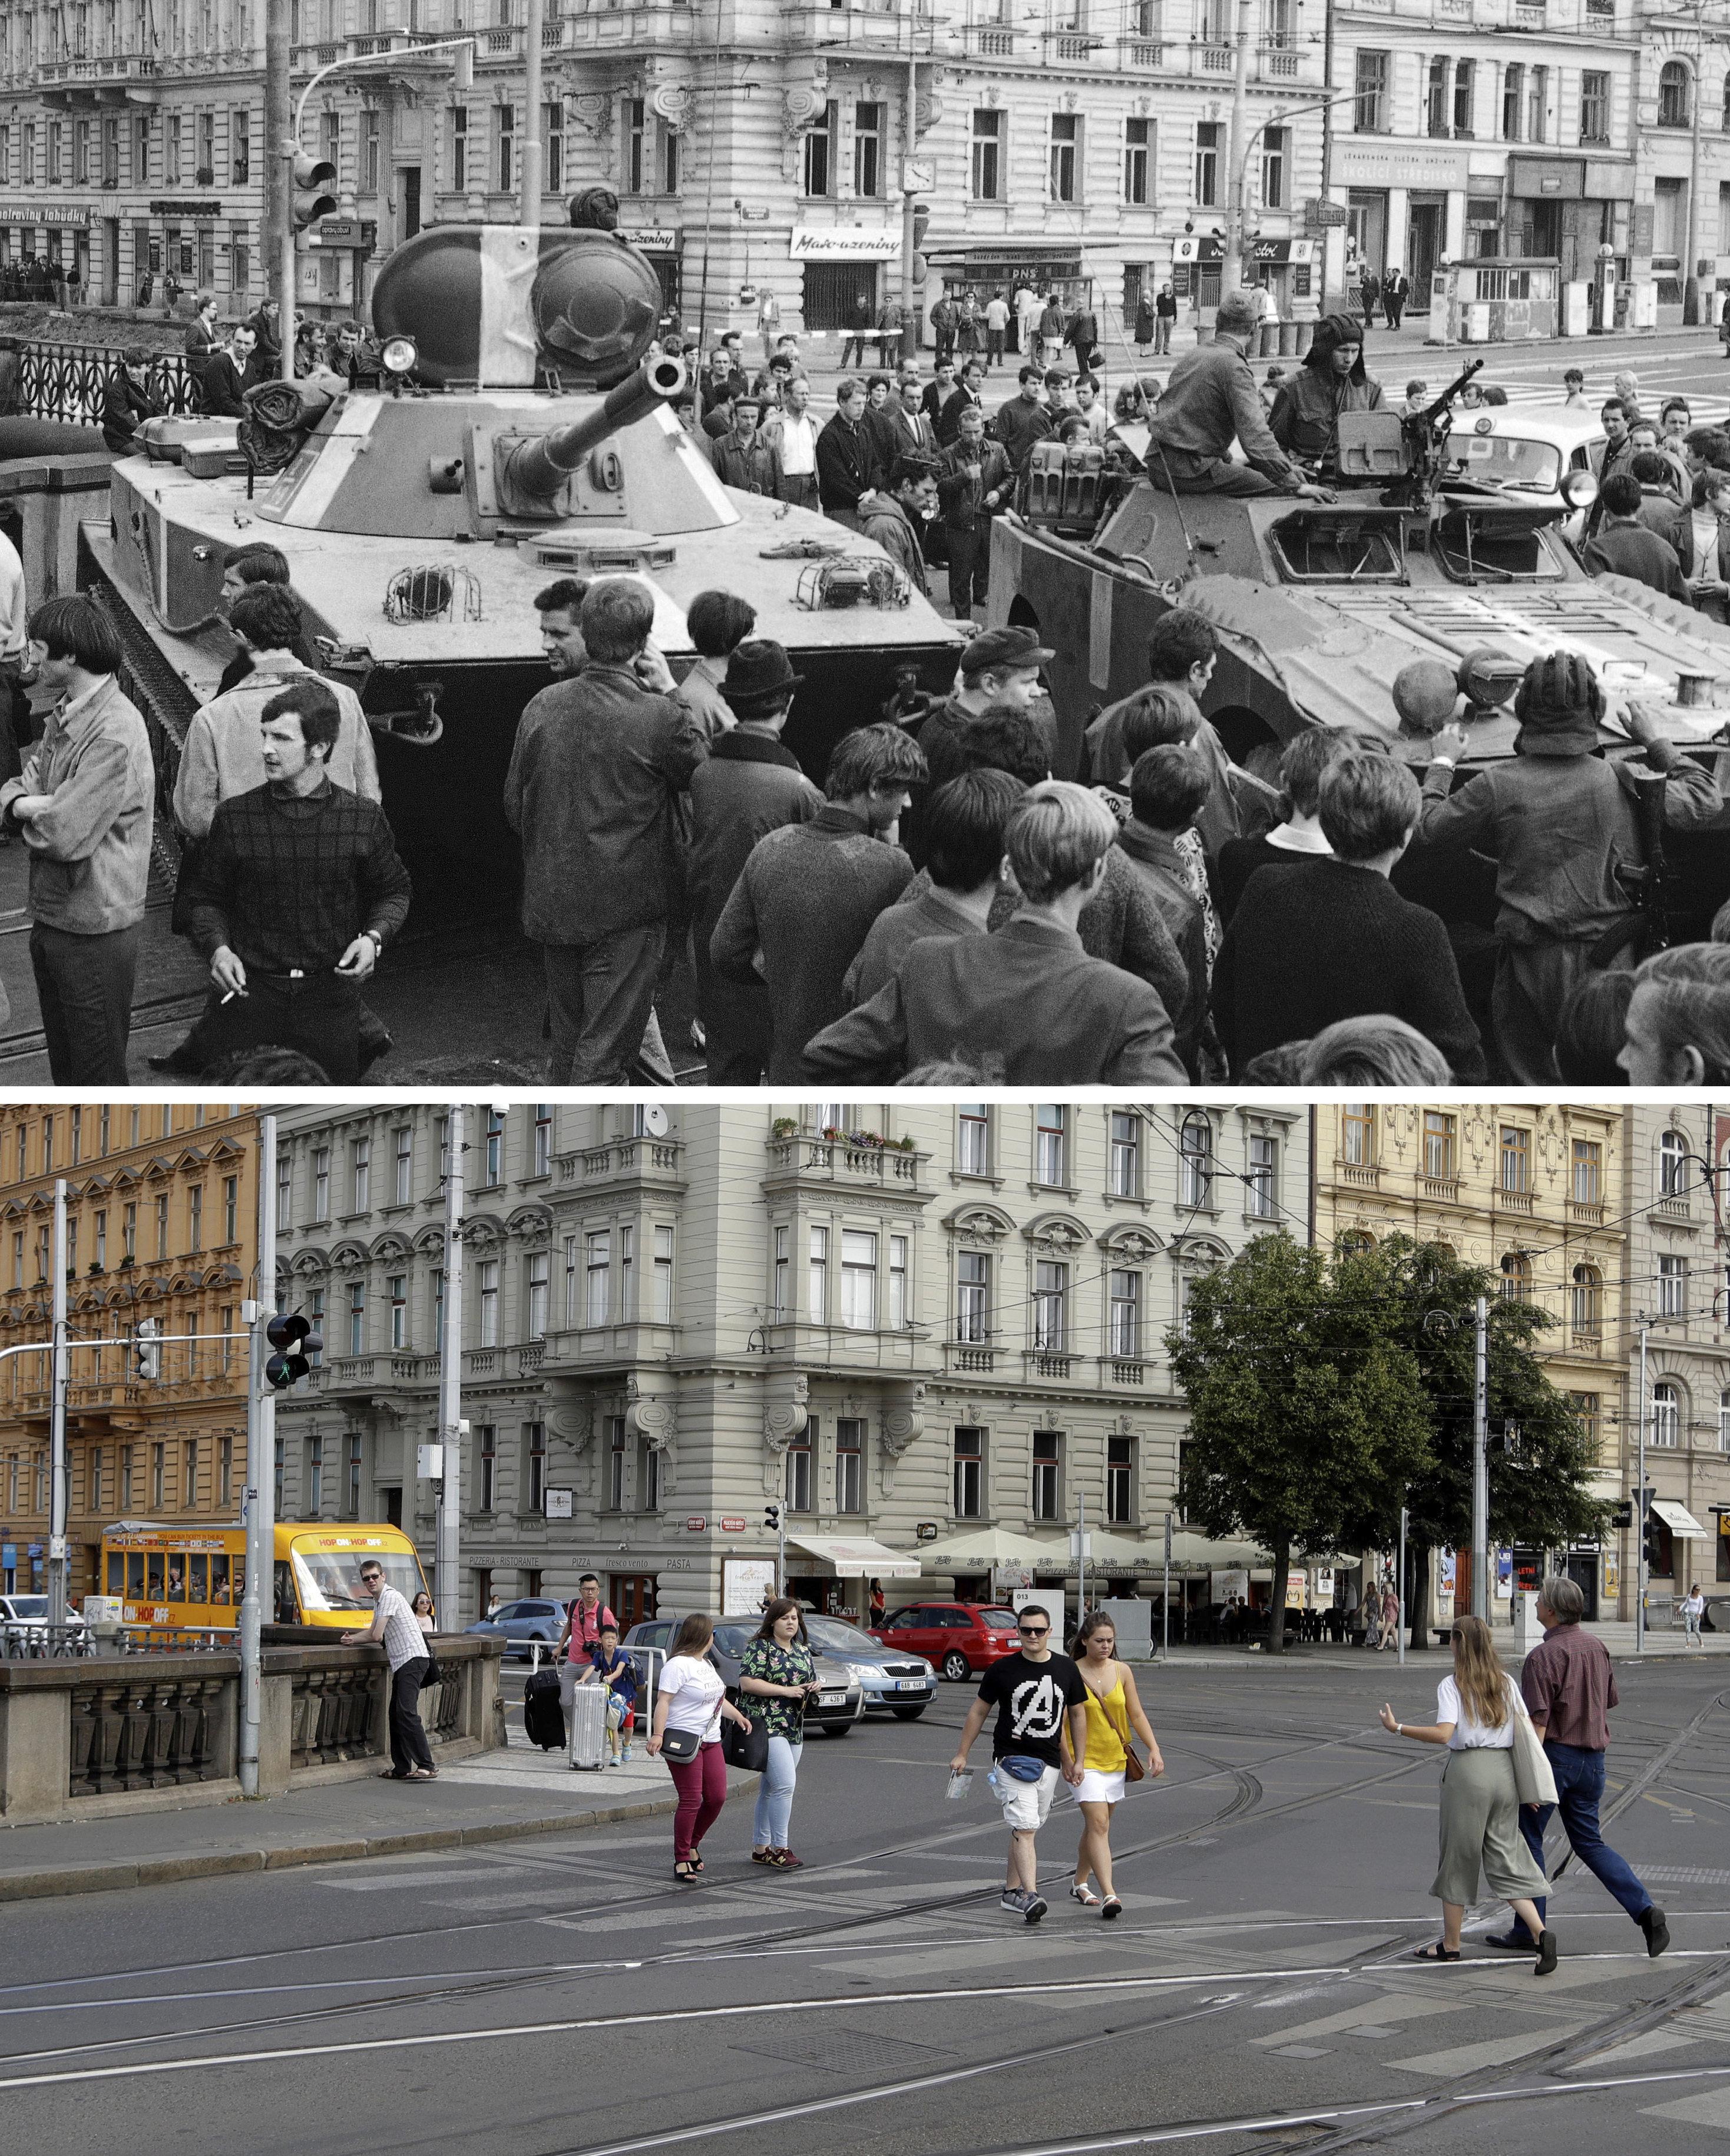 En la foto superior, tanques soviéticos en una calle de Praga el 21 de agosto de 1968. En la foto inferior, la misma calle actualmente.